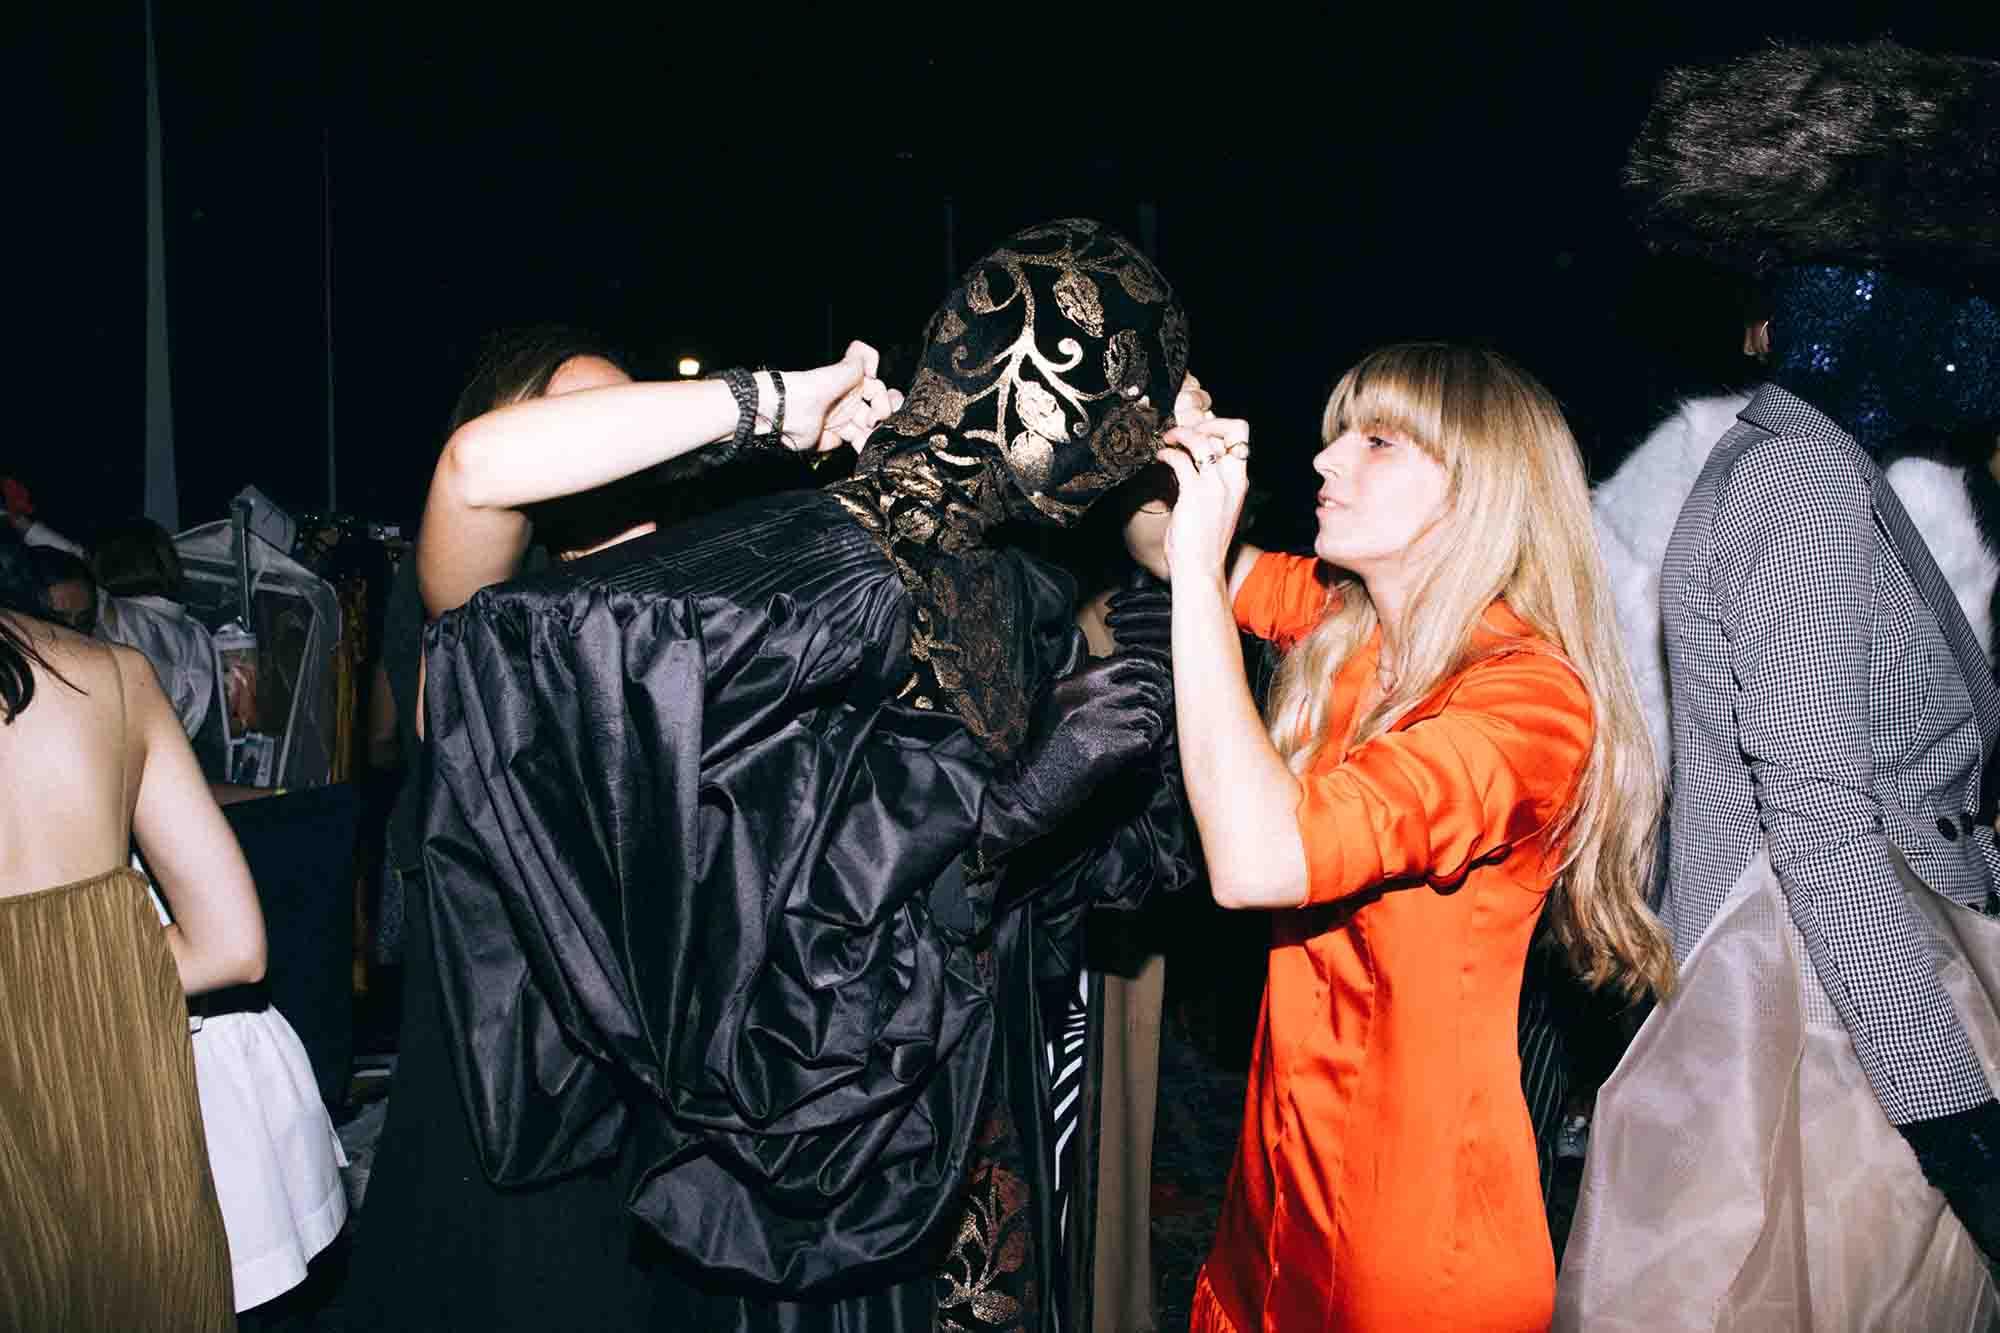 אופנה, חדשות אופנה, כתבות אפנה, שנקר 2019, צילום עדי סגל, טל מדינה, Backstage_at_Shenkar_fashion_show_2019._Photo_Adi_Segal_-_Tal_Medina_collection_(1) - 13